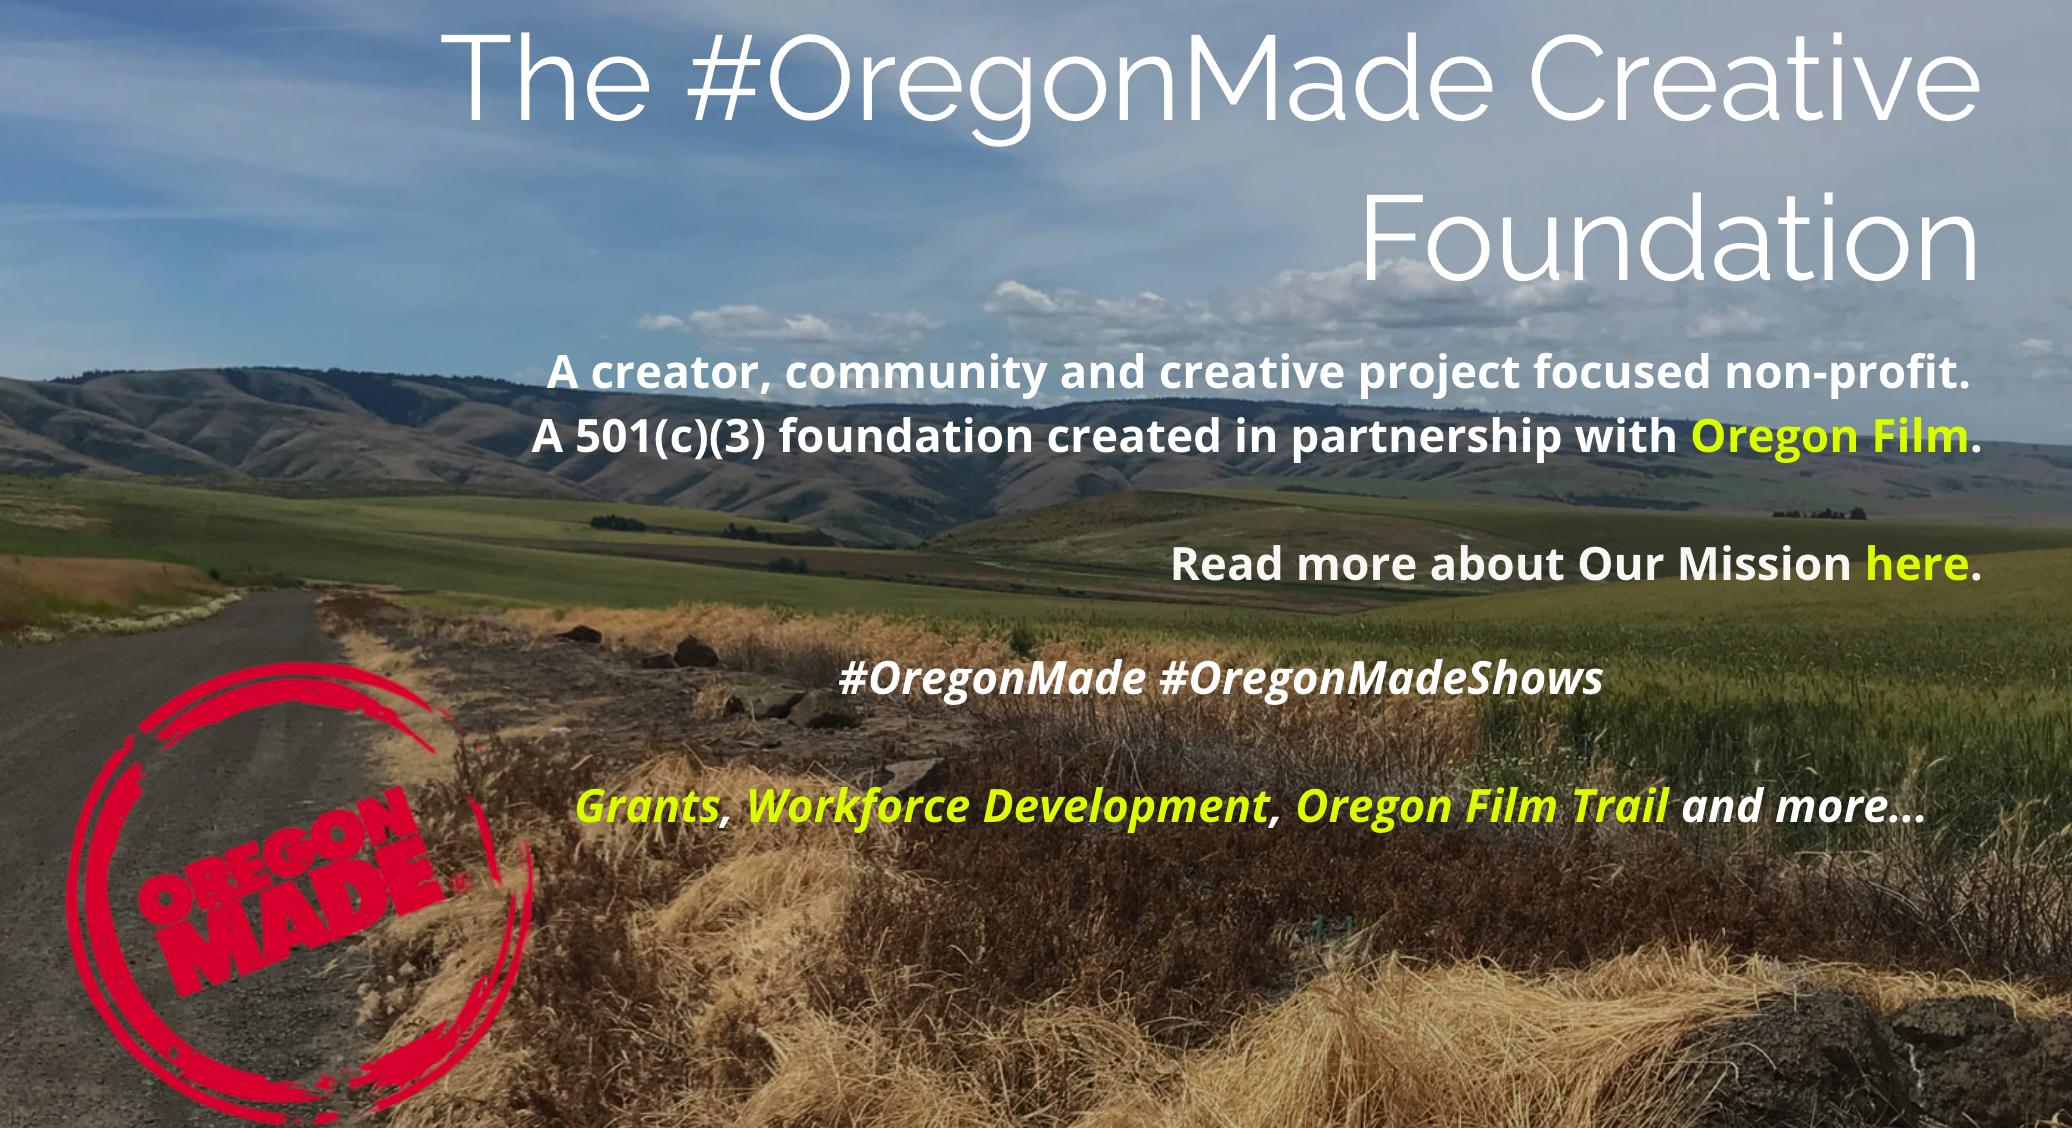 Oregon Outdoor Adventure Film Grant announced